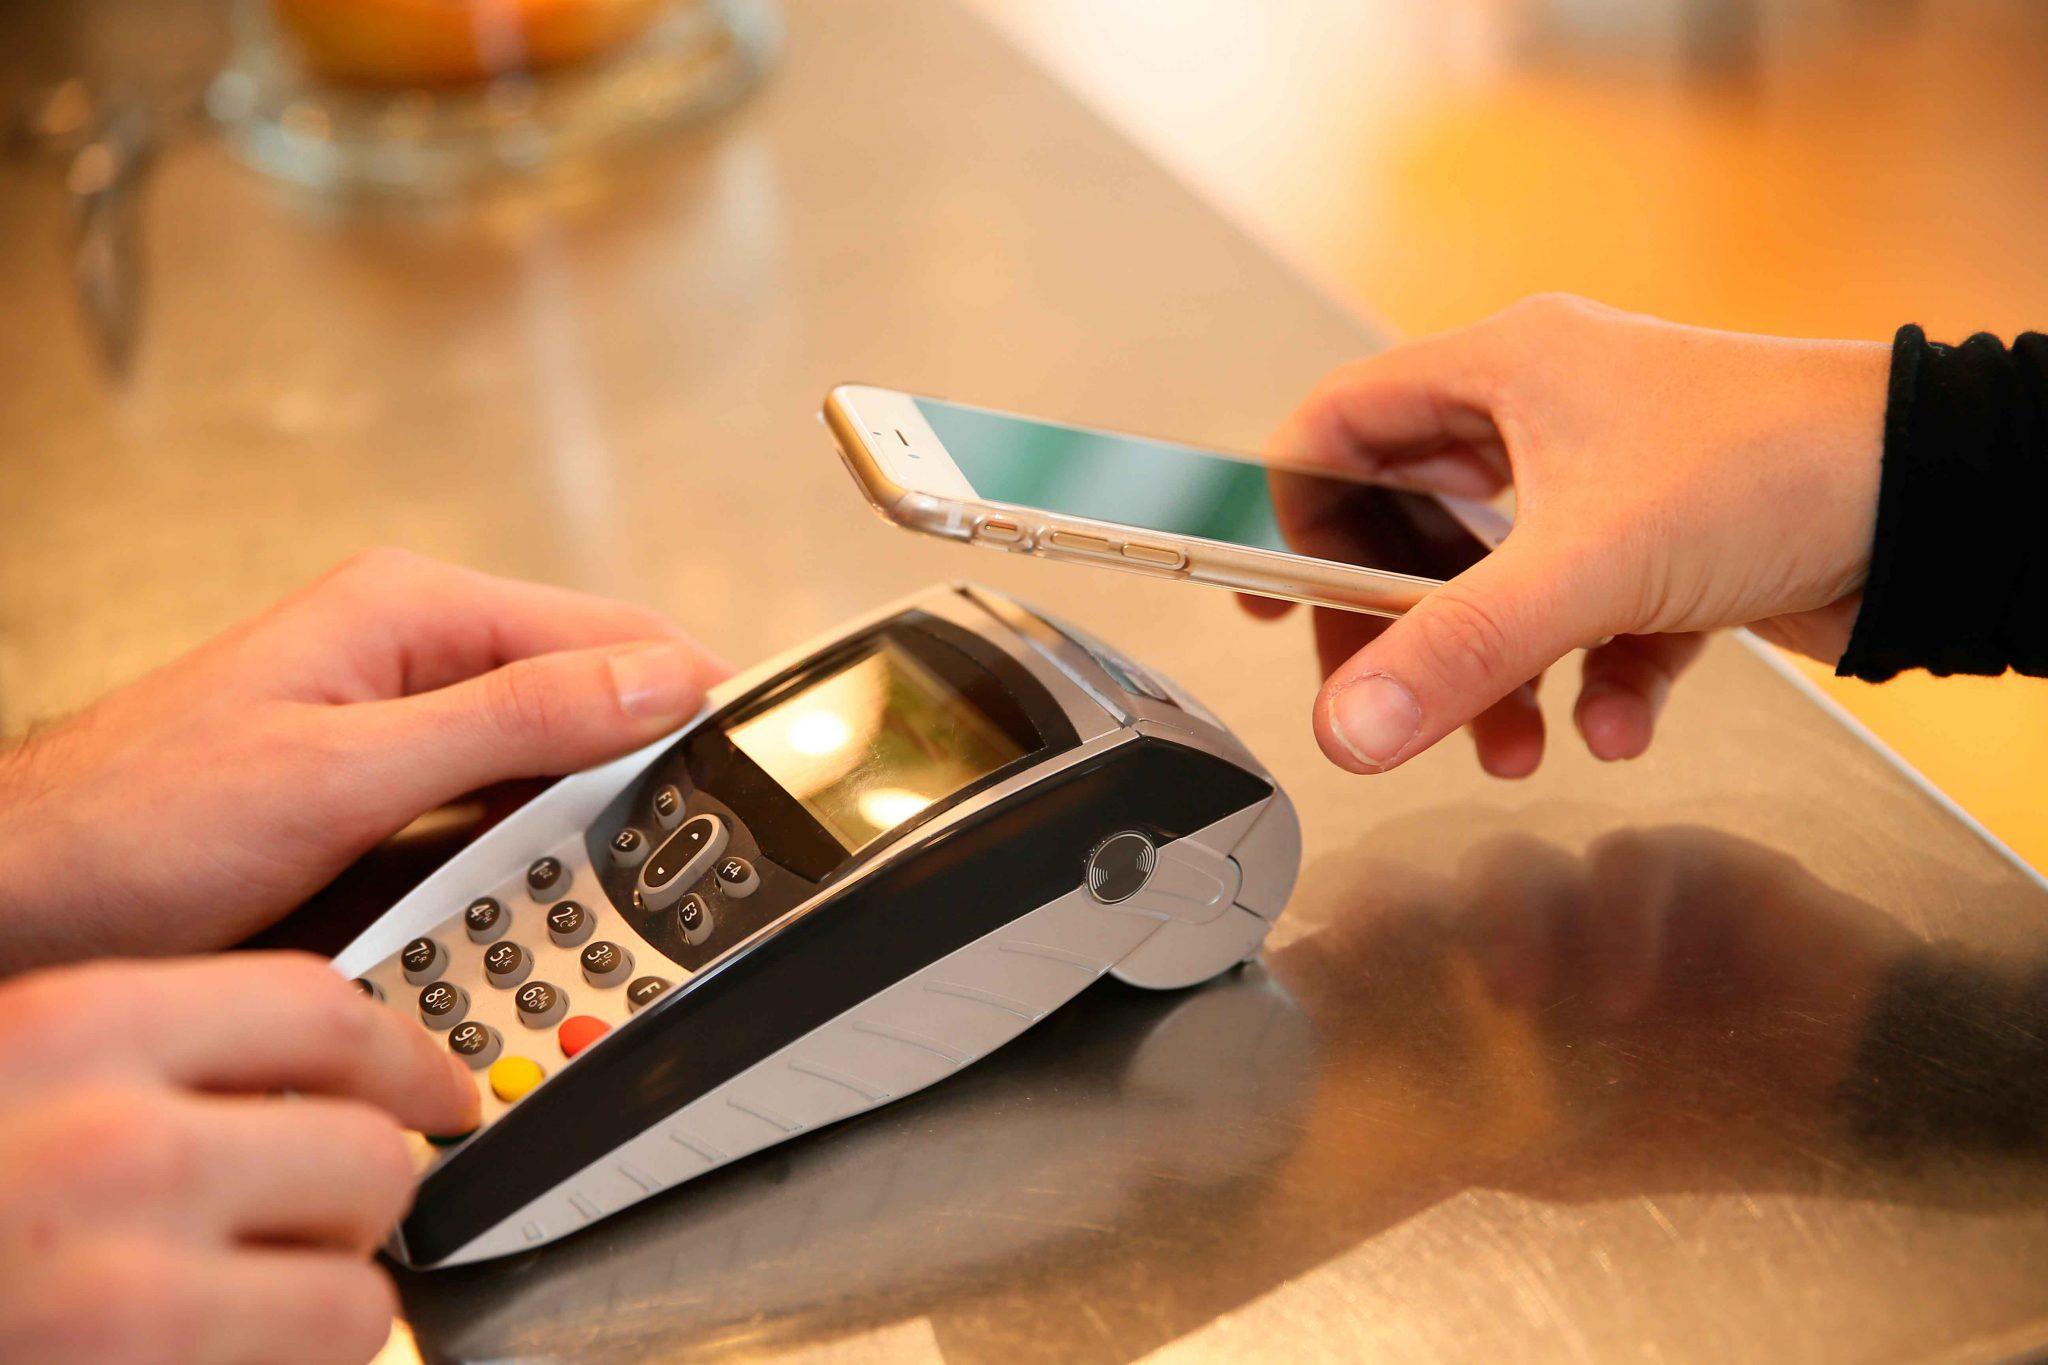 Os pagamentos serão mais digitais a partir deste ano, diz estudo